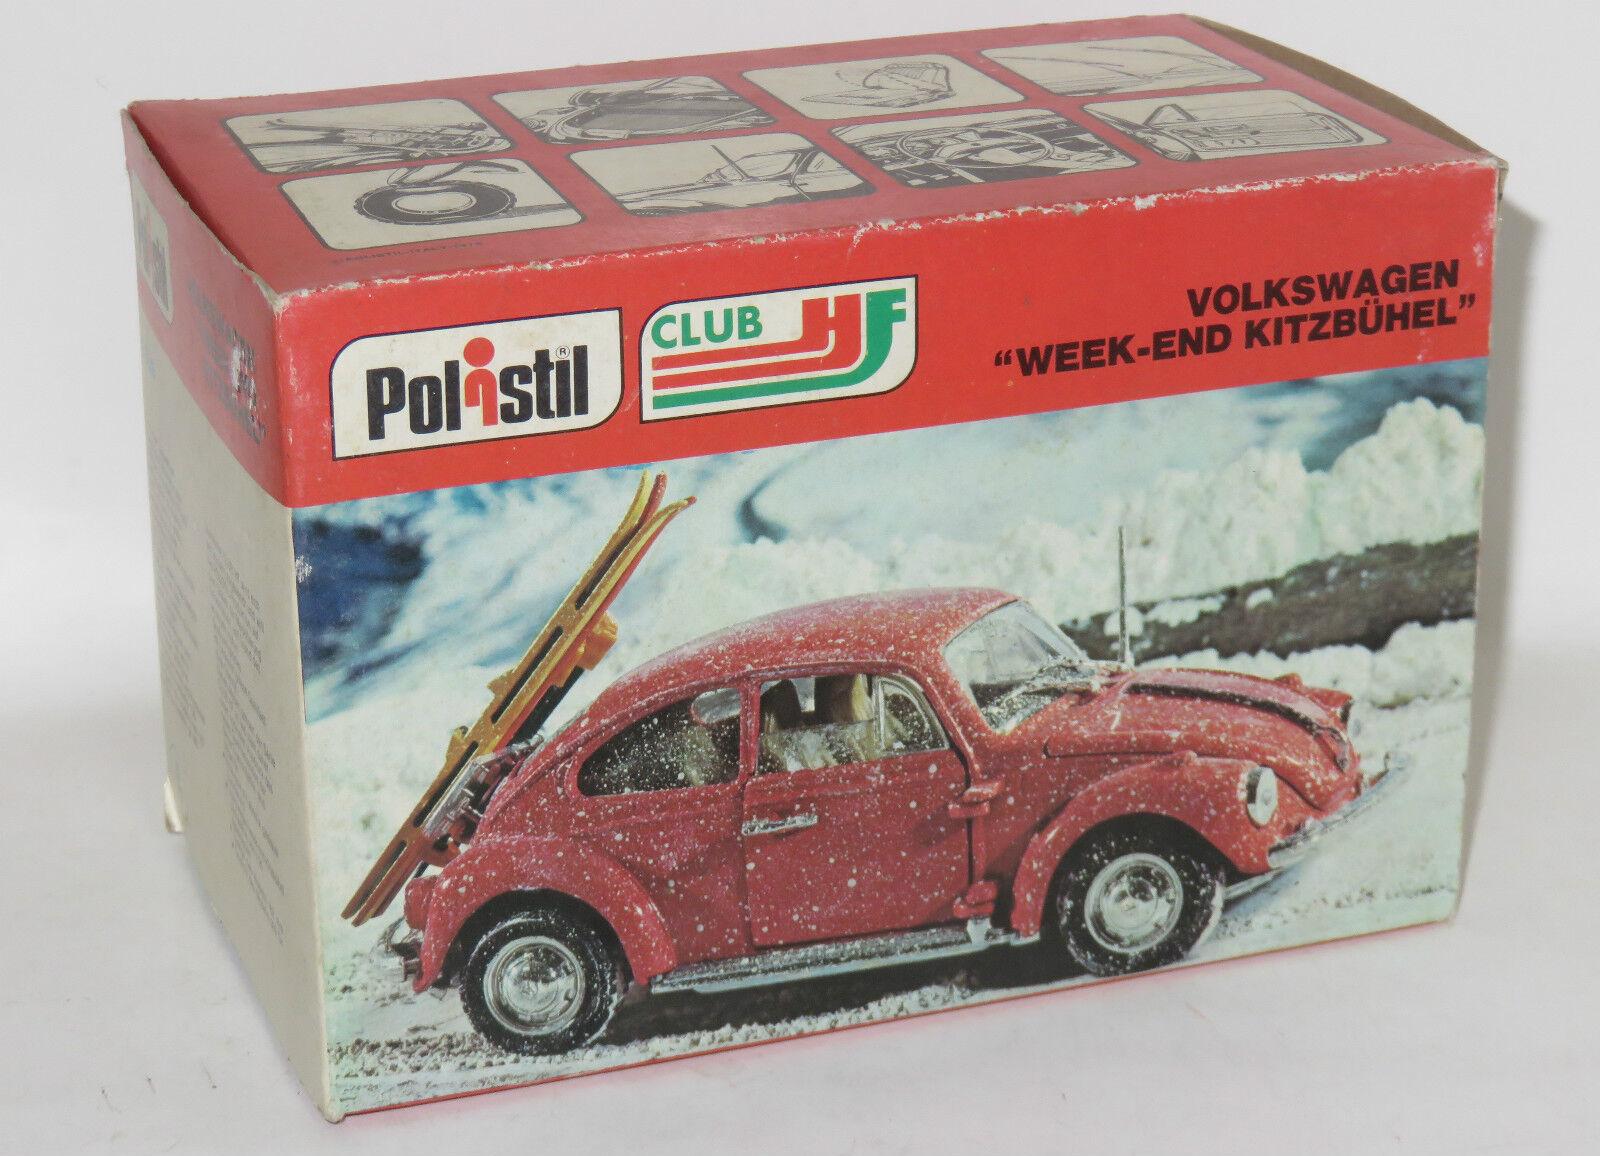 1 25 Original 1970`s Polistil Volkswagen Beetle Snow & Skis - Week-End Kitzbuhel